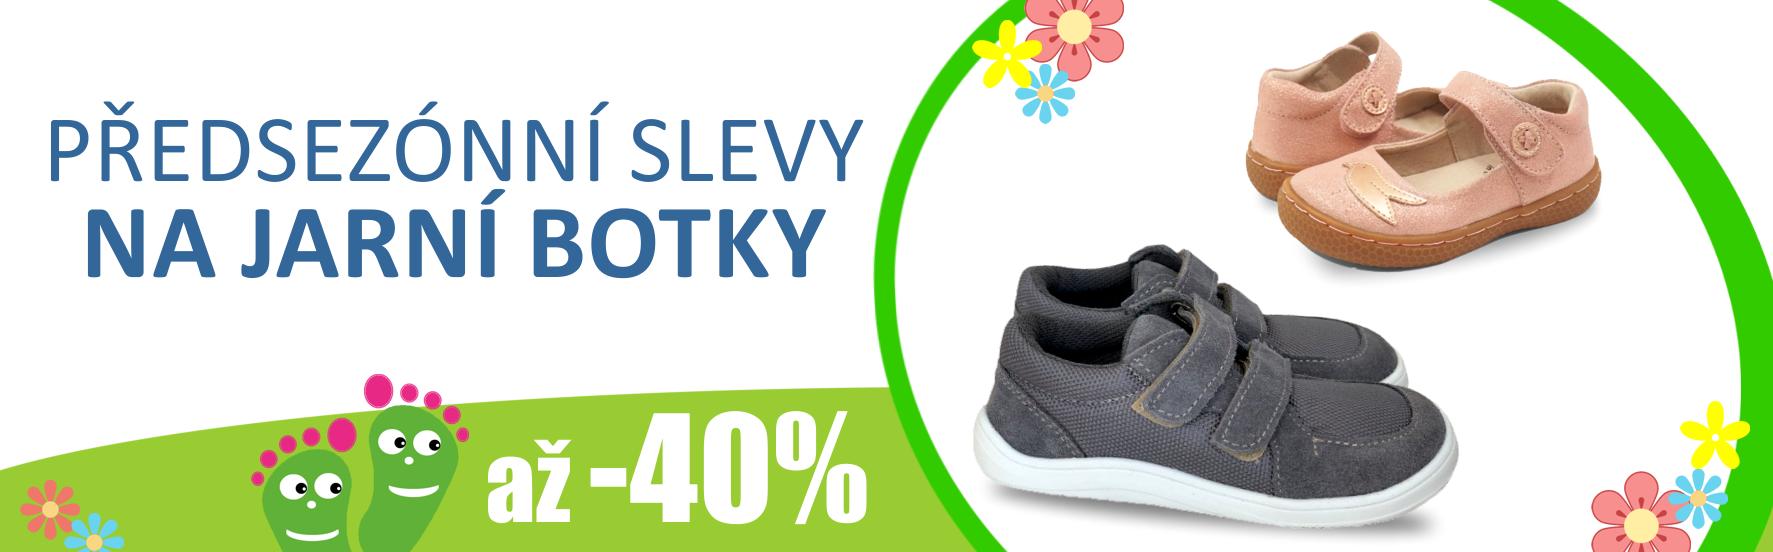 Předjarní slevy barefoot bot až 40%